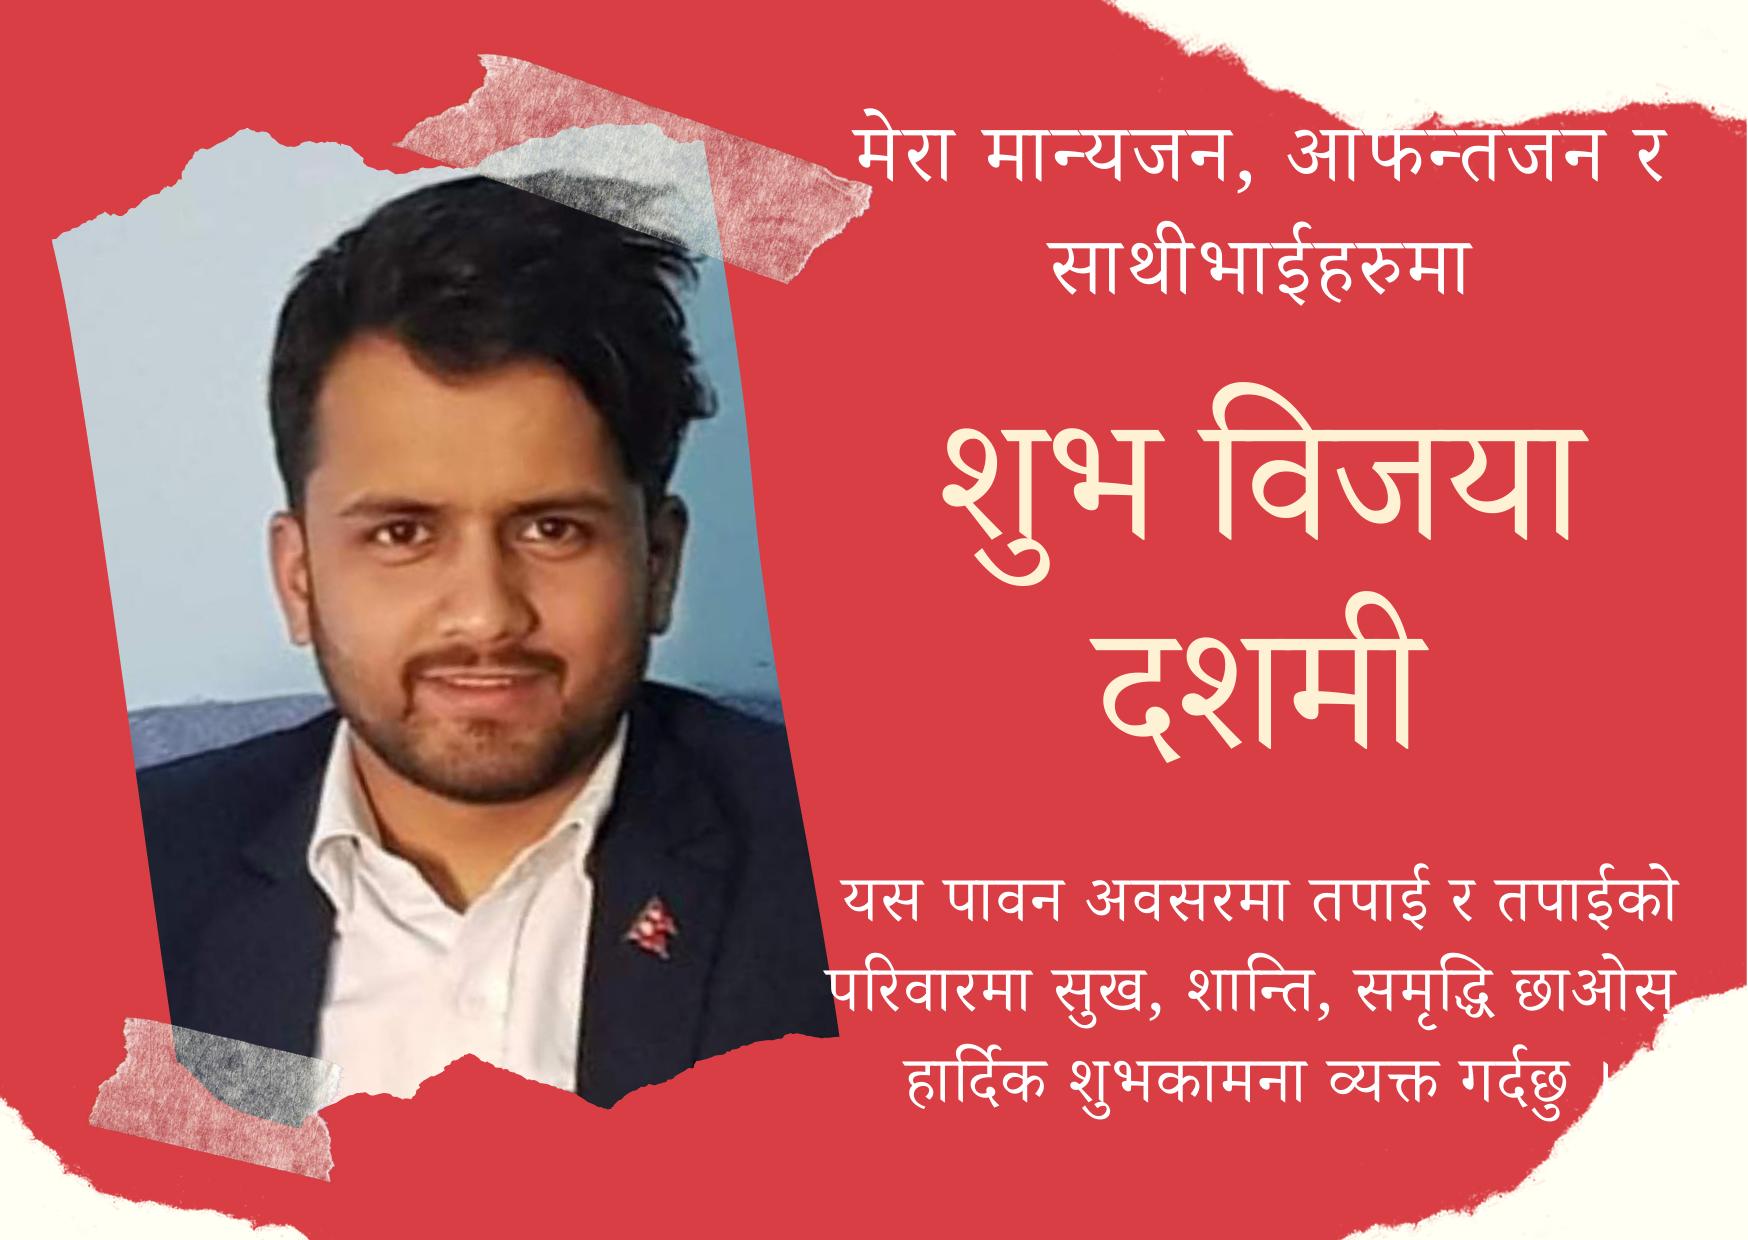 Bijaya Dashami Wishes in Nepali